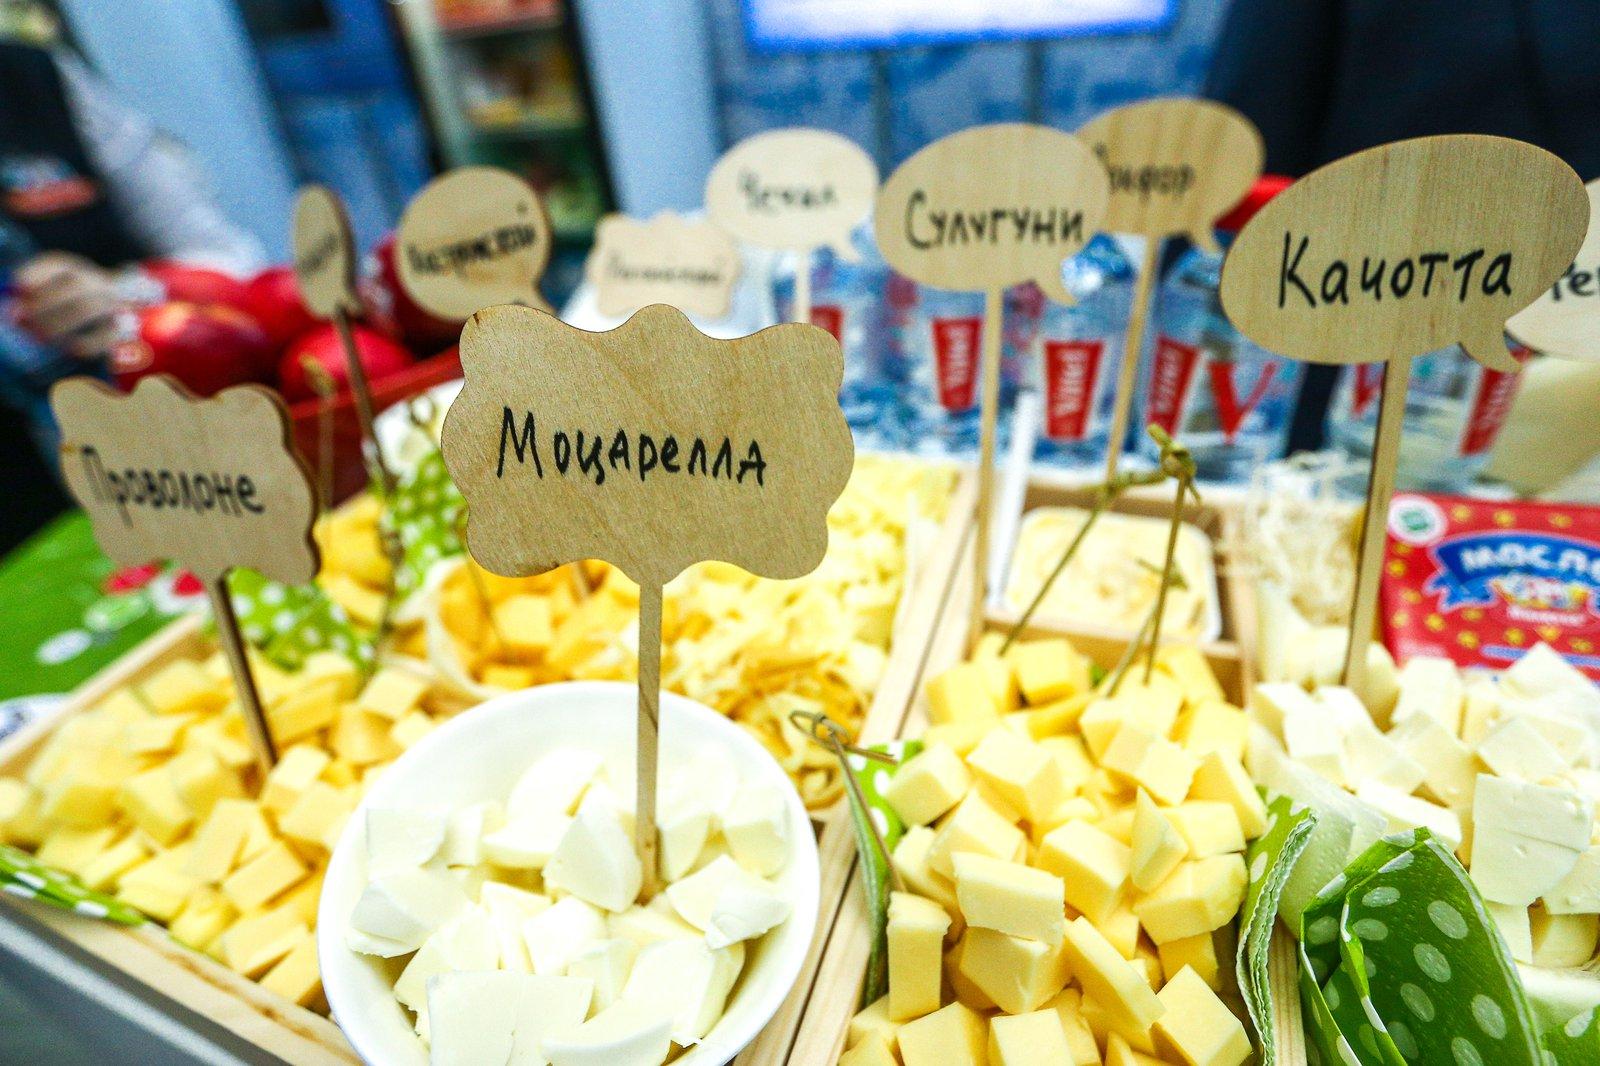 Андрей Воробьев губернатор московской области - Ориентир на экспорт: в Подмосковье обсудили успехи молочной отрасли